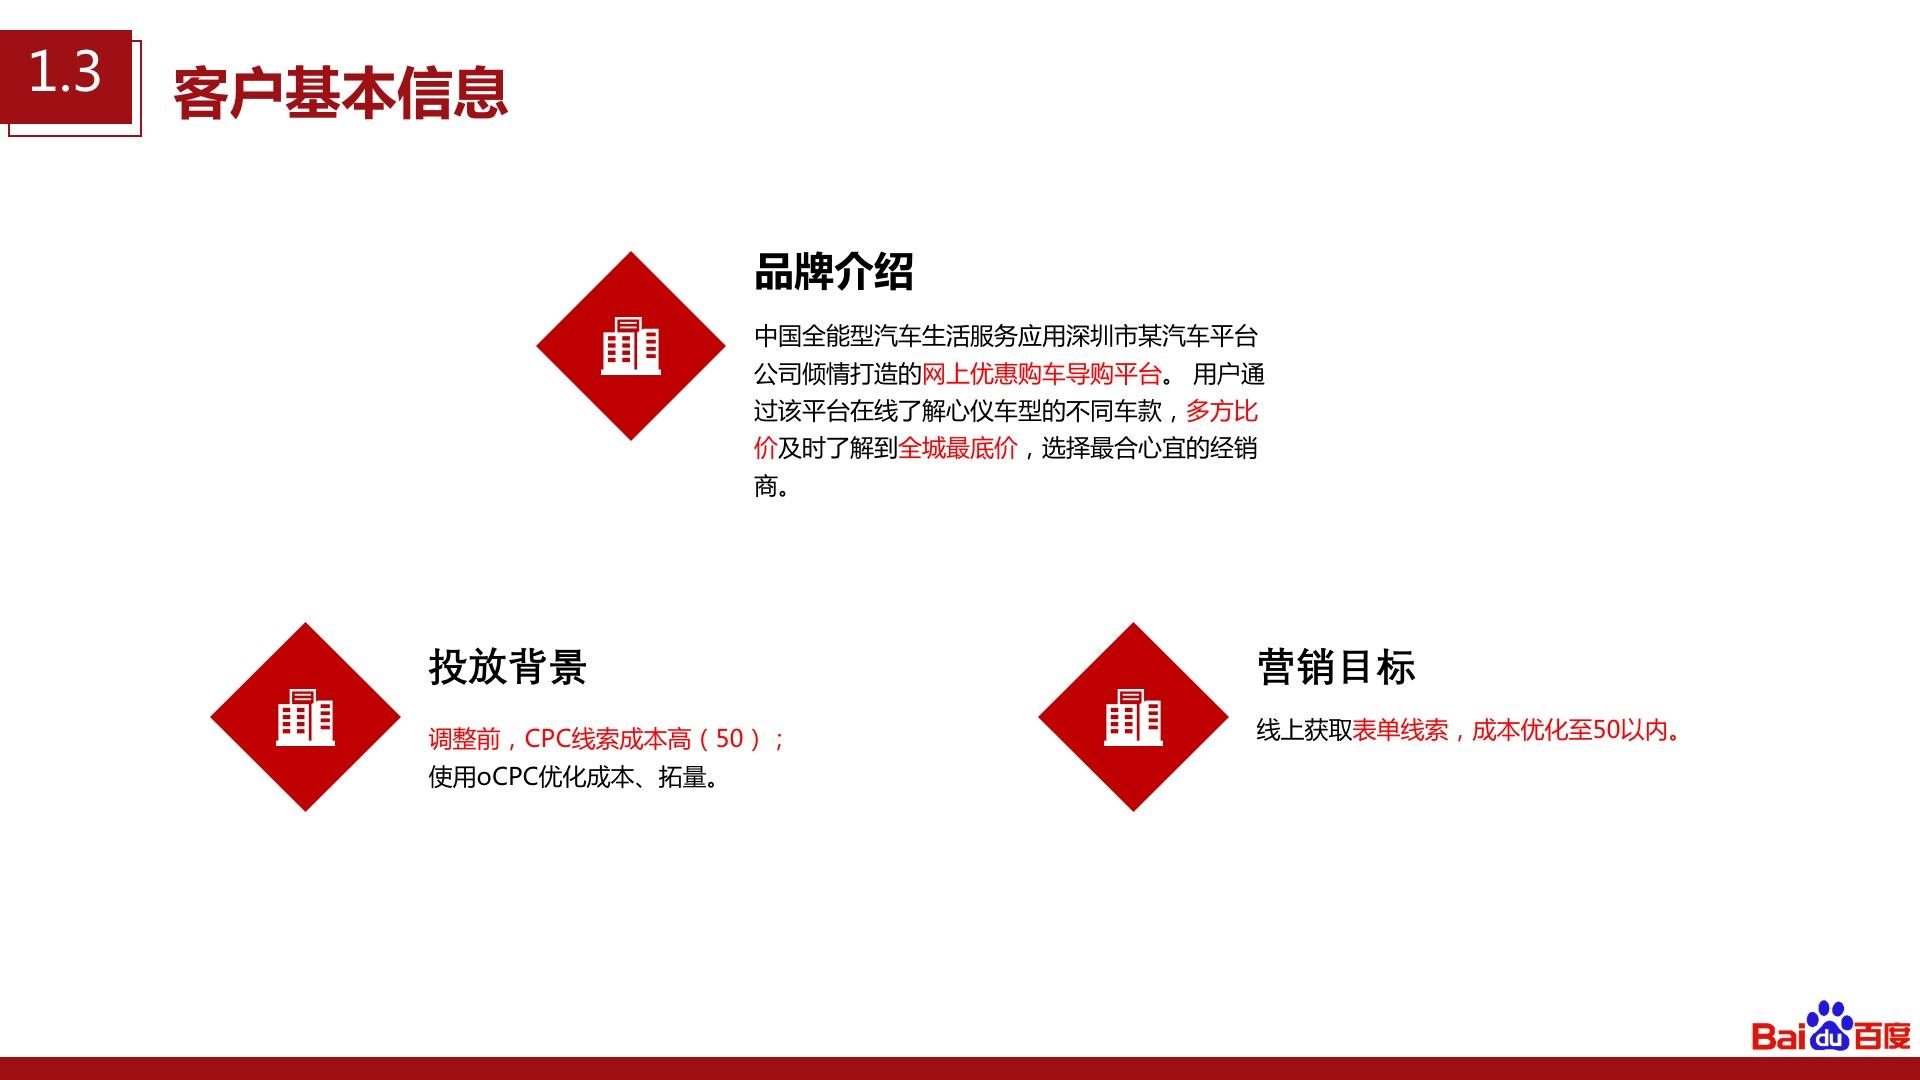 百享案例-车一百-吴鸿鑫 - 脱敏版1.jpg